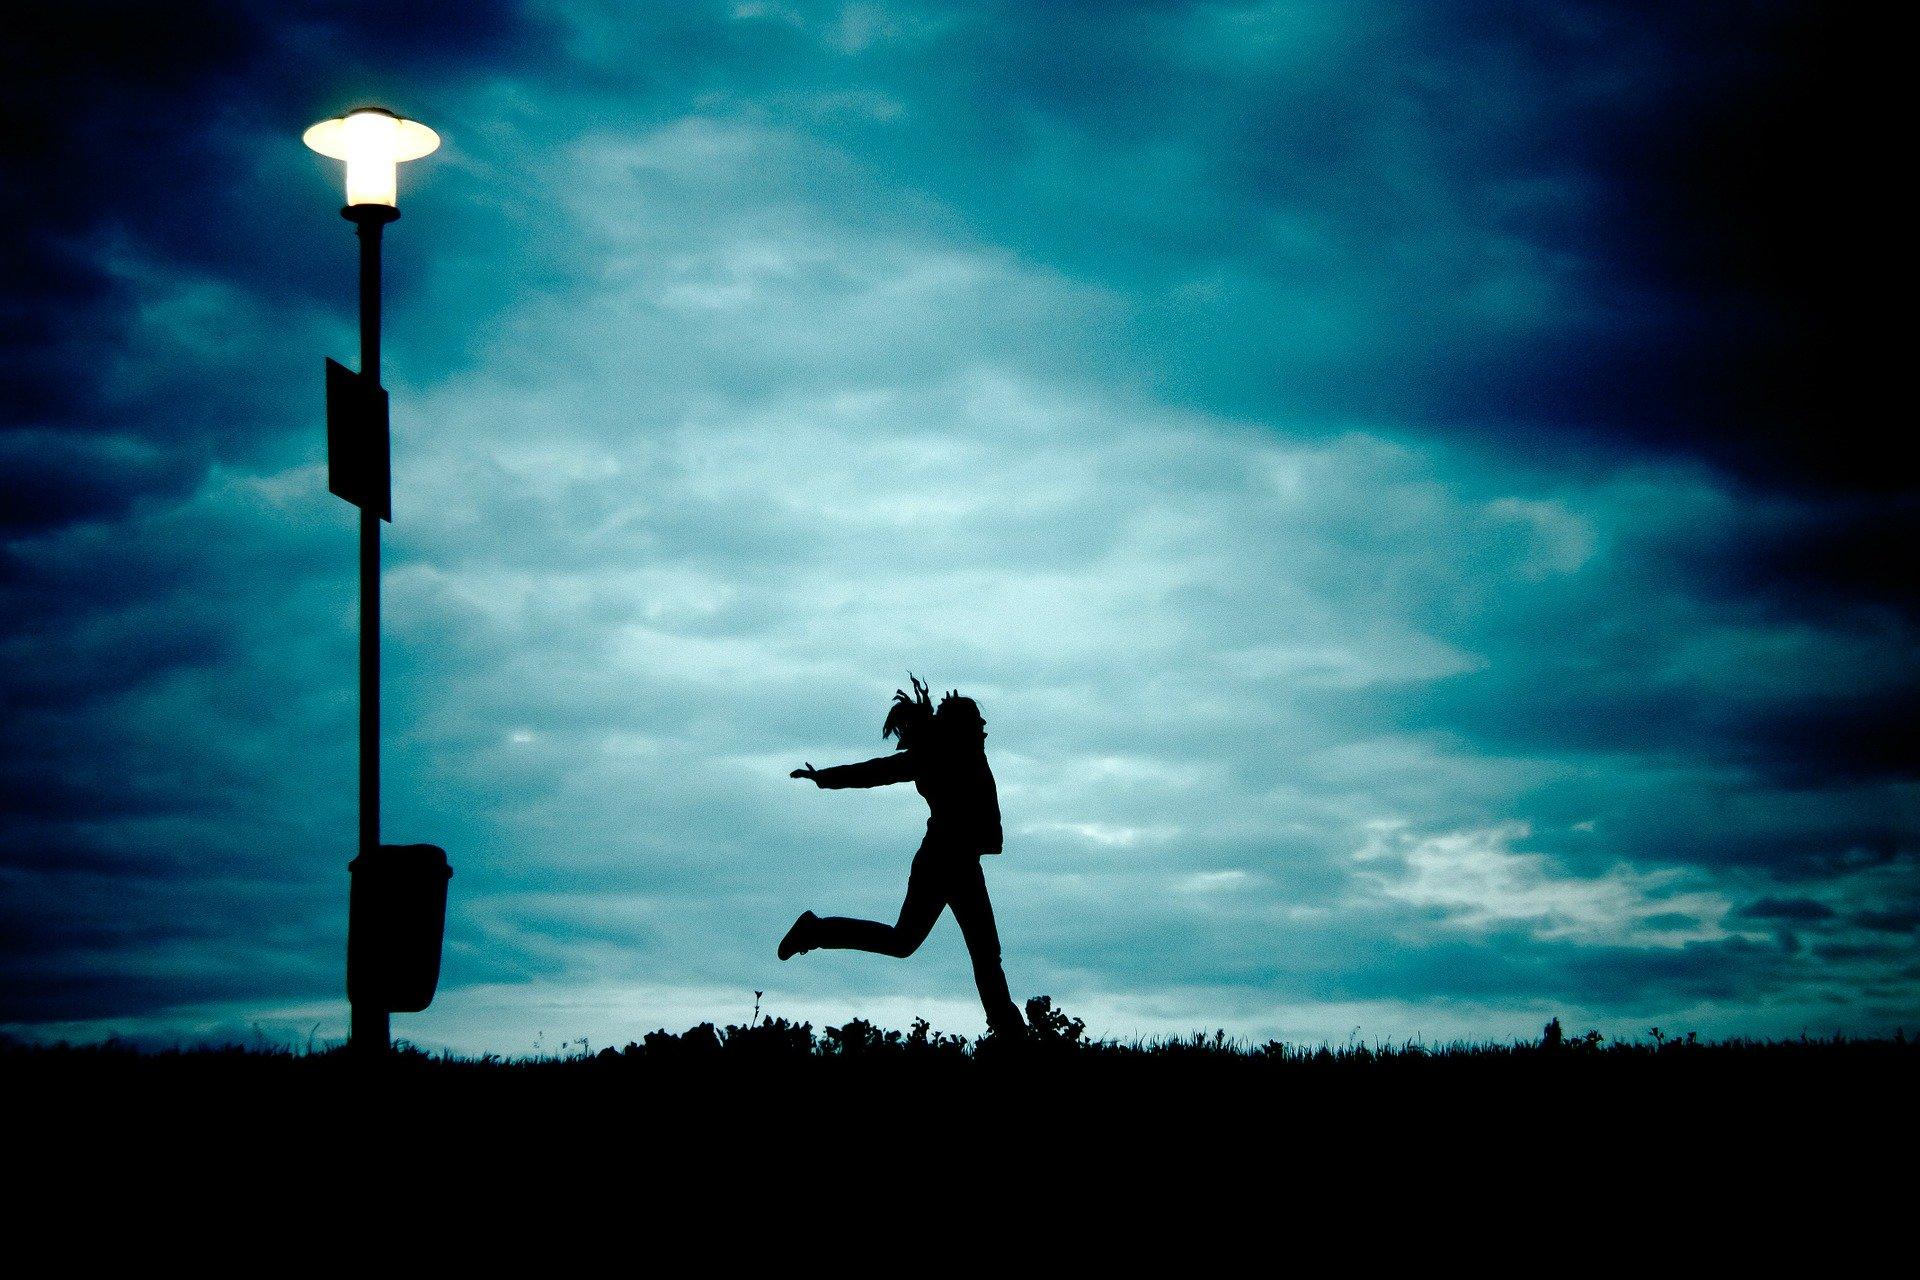 難しい 夜 に 駆ける